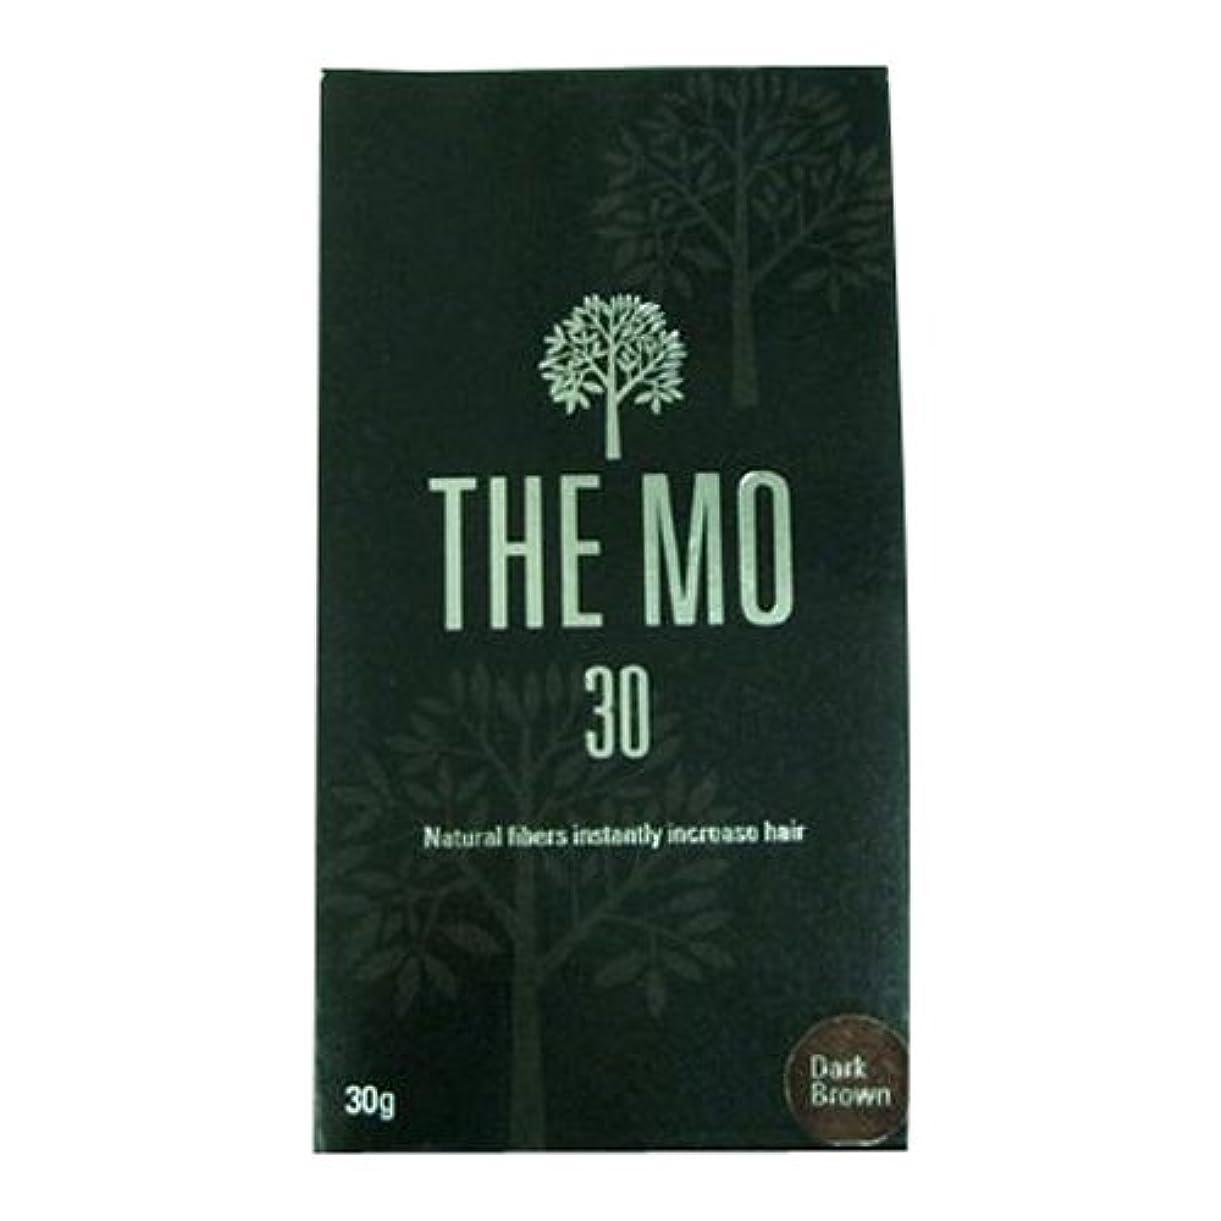 探検探検にやにやケイセイ THA MO ザモ 本体(30g×2個) 茶